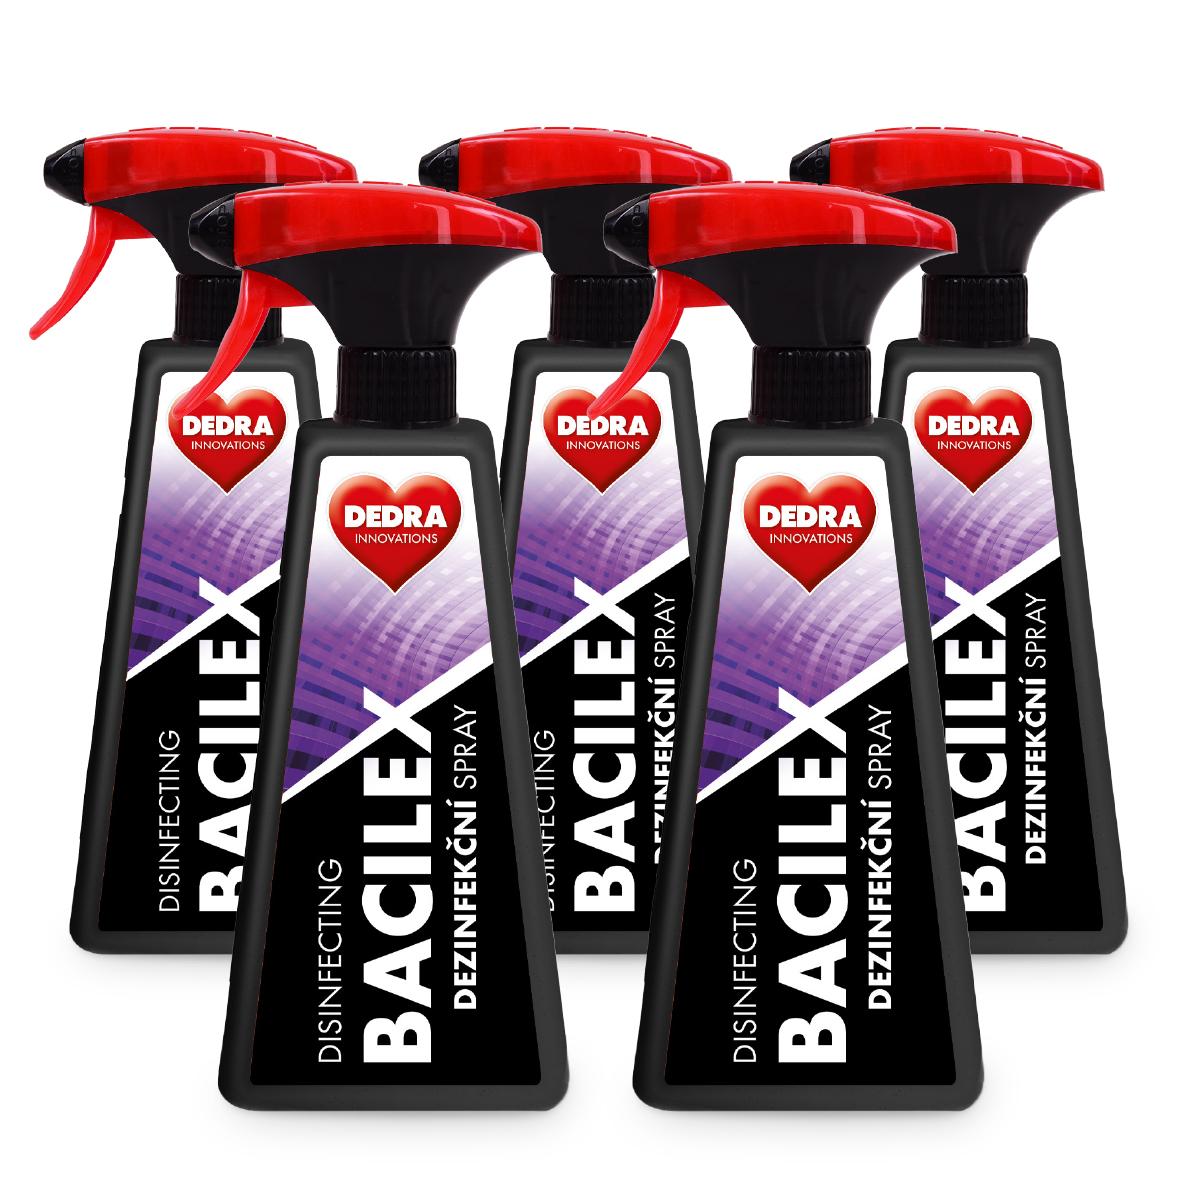 5 ks PROFI SADA certifikovaný dezinfekční spray, na plochy i respirátory, 71 % alkoholu, BACILEX® DISINFECTING SPRAY